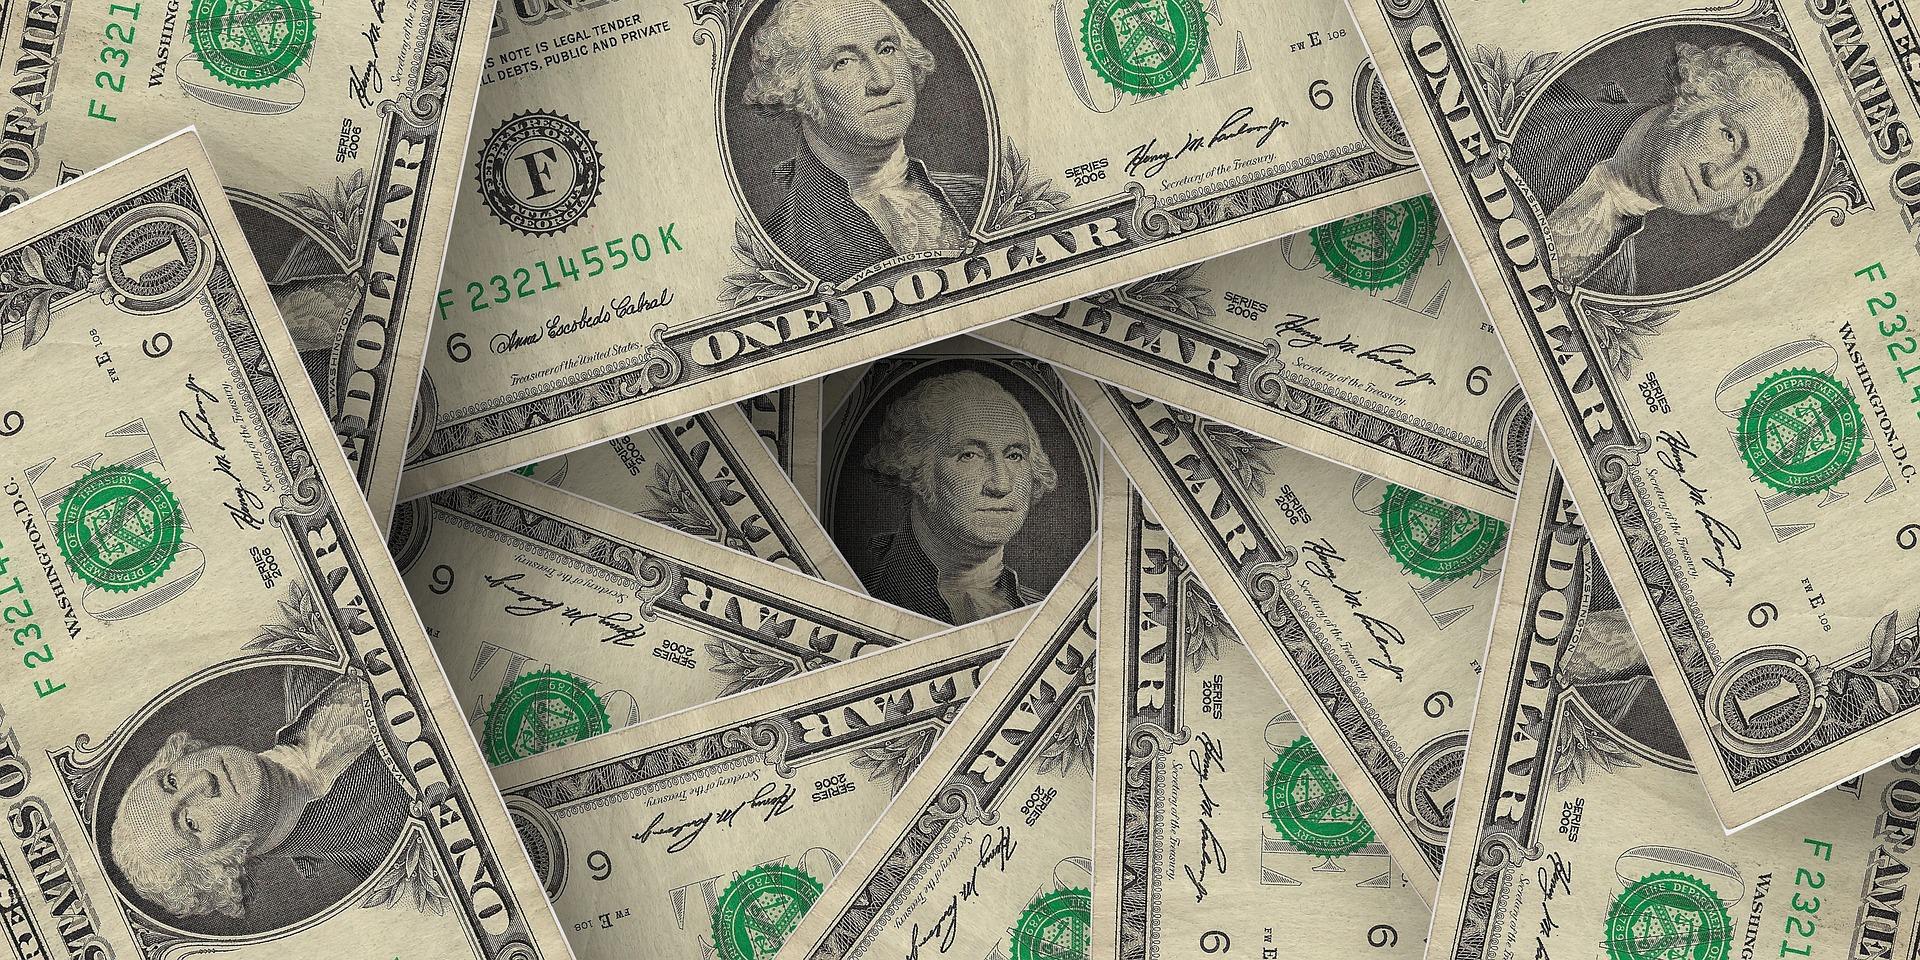 (Bolsa caiu 0,73% em dia de realização de lucros. Foto: Reprodução/Pixabay)